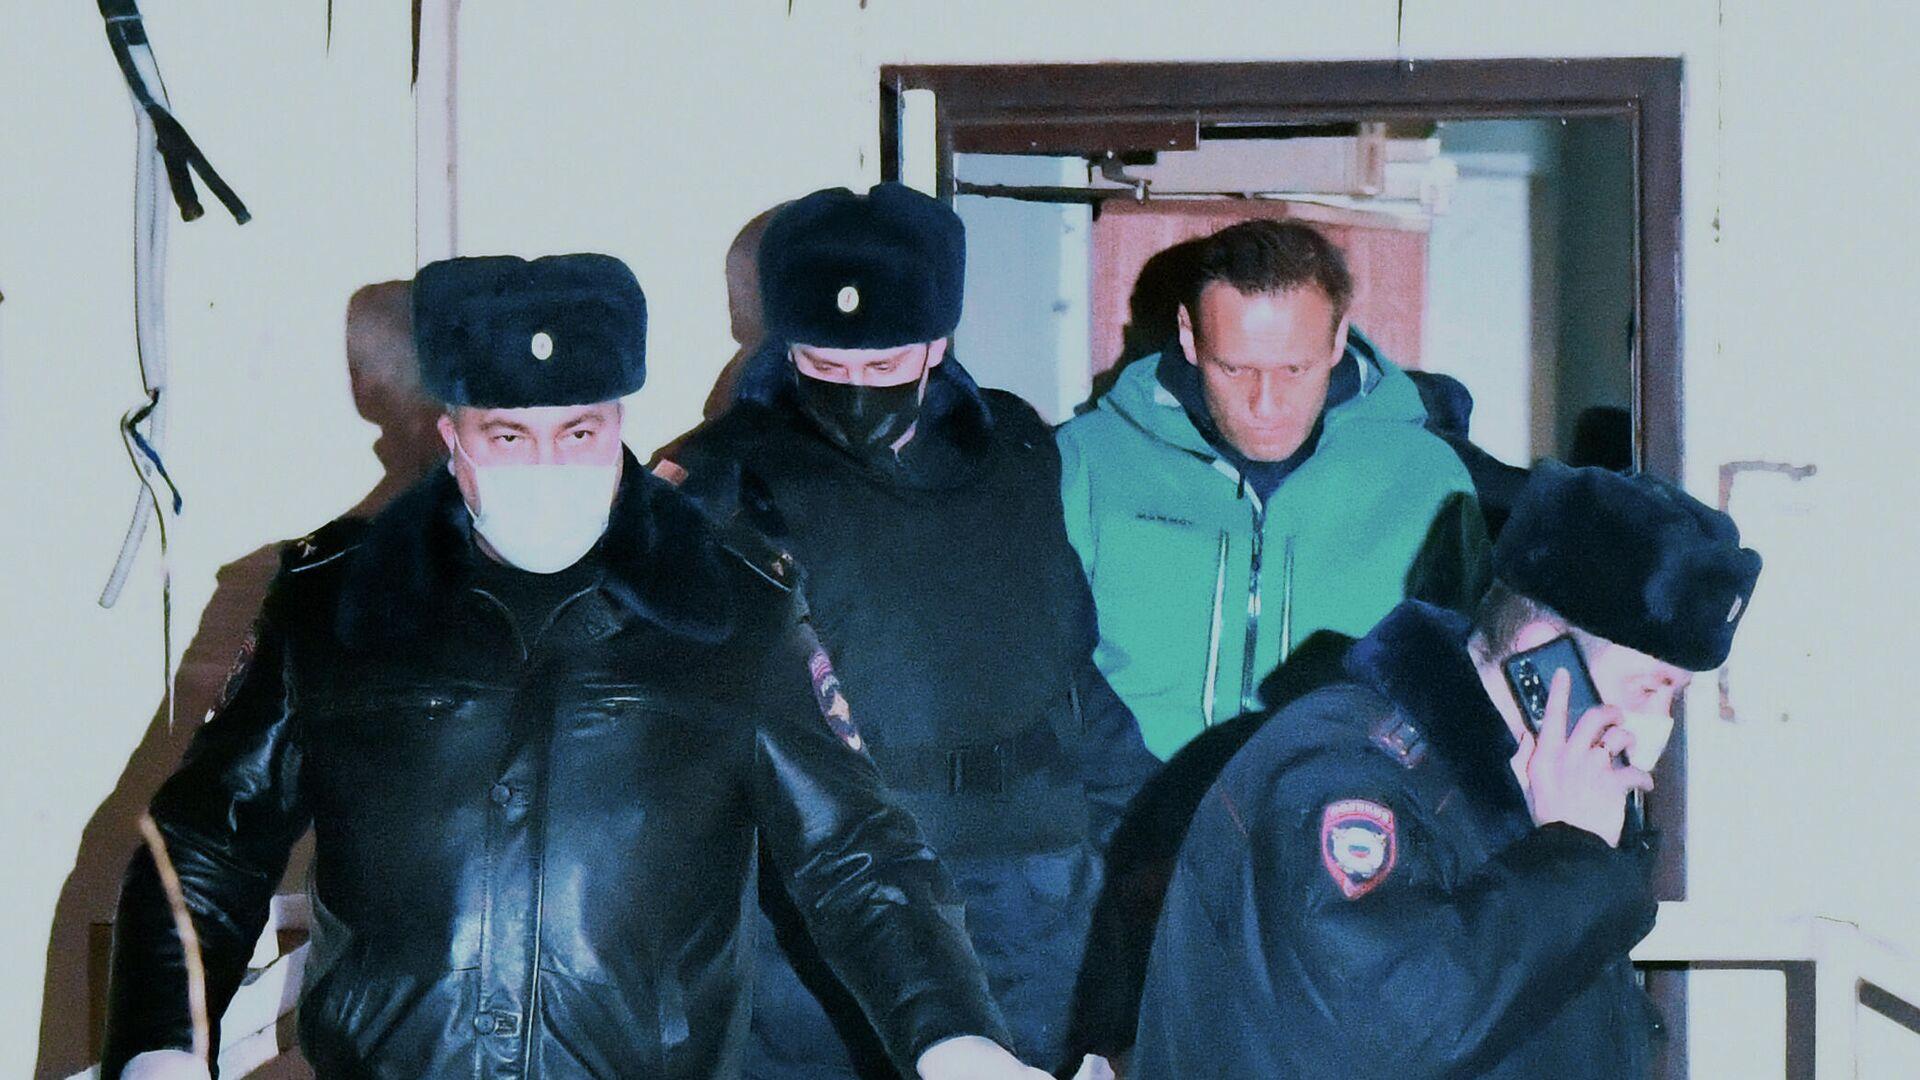 Сотрудники полиции выводят Алексея Навального из здания 2-го отдела полиции Управления МВД России по г. о. Химки - РИА Новости, 1920, 22.01.2021